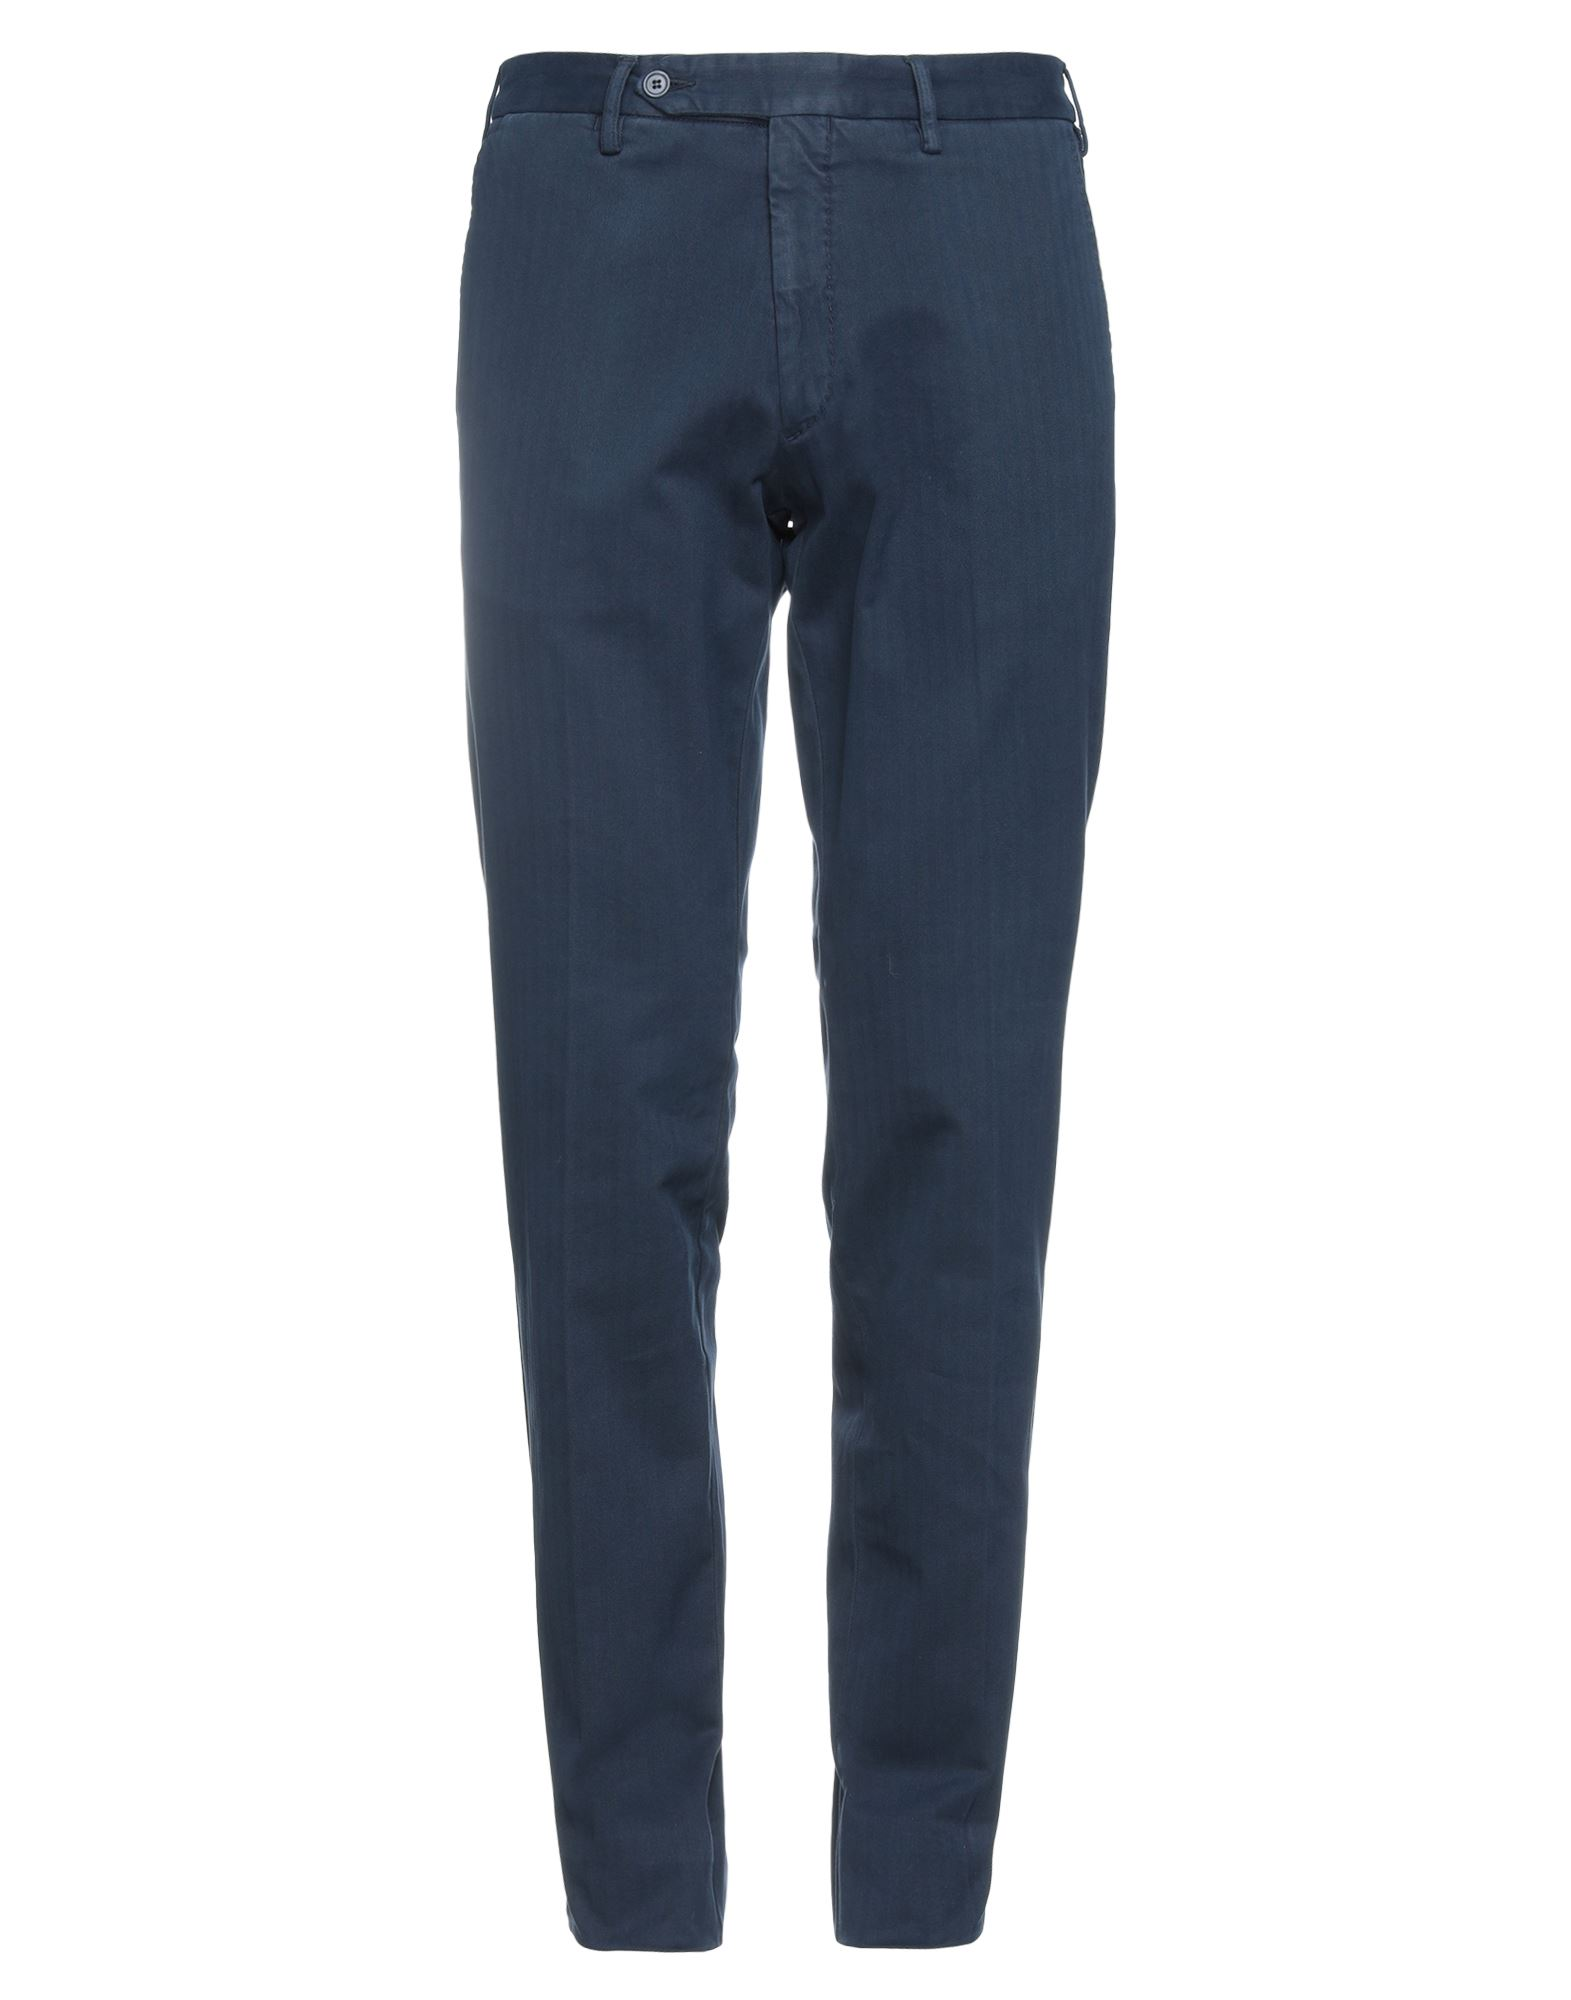 Фото - ROTASPORT Повседневные брюки rotasport джинсовые брюки